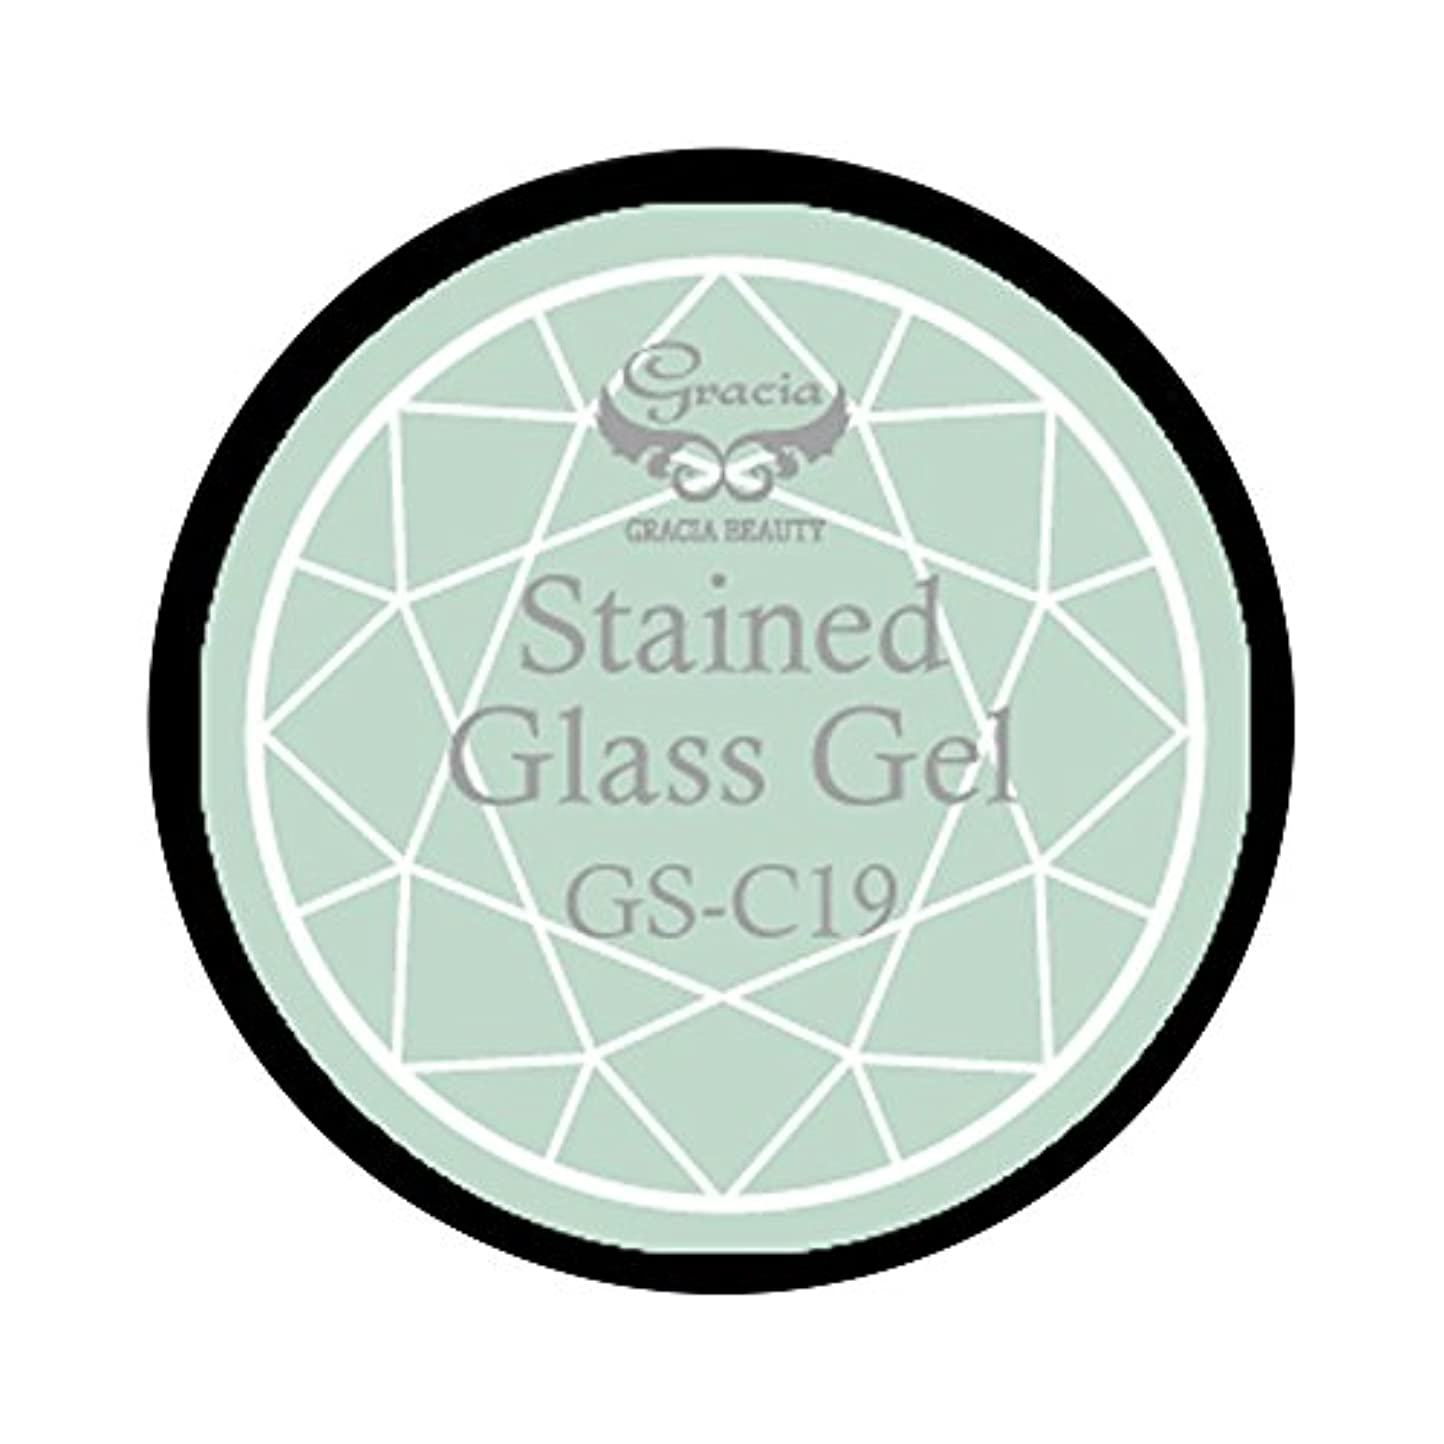 悪性の扱いやすい一部グラシア ジェルネイル ステンドグラスジェル GSM-C19 3g  クリア UV/LED対応 カラージェル ソークオフジェル ガラスのような透明感